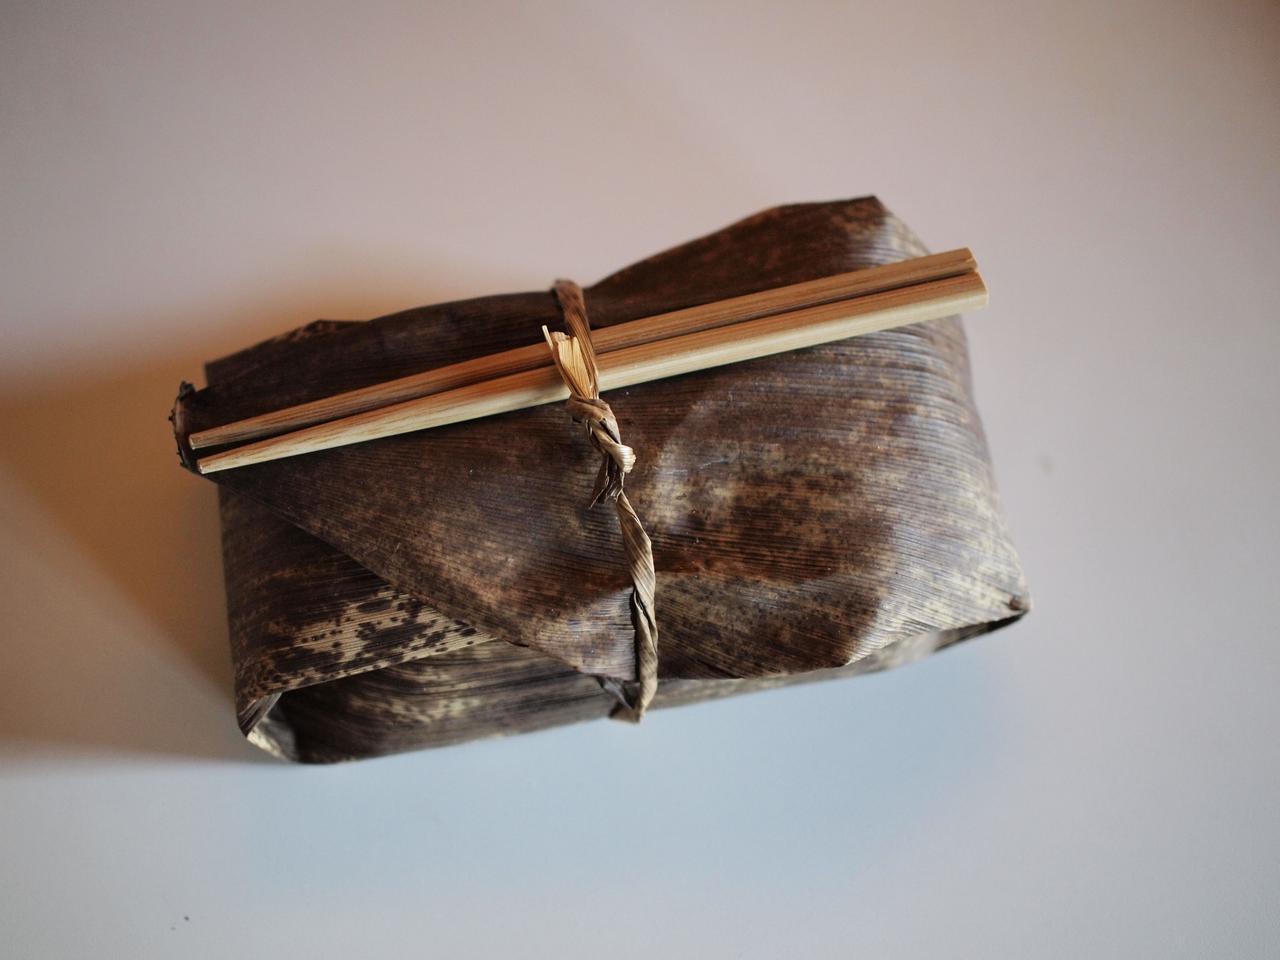 画像: 包む紐も竹皮の端を手で割いてねじったものを使います。竹箸もお弁当サイズに合わせて短く切って、持っていきやすくしました。食べ終わった後は水洗いして干しておけば繰り返し使えます